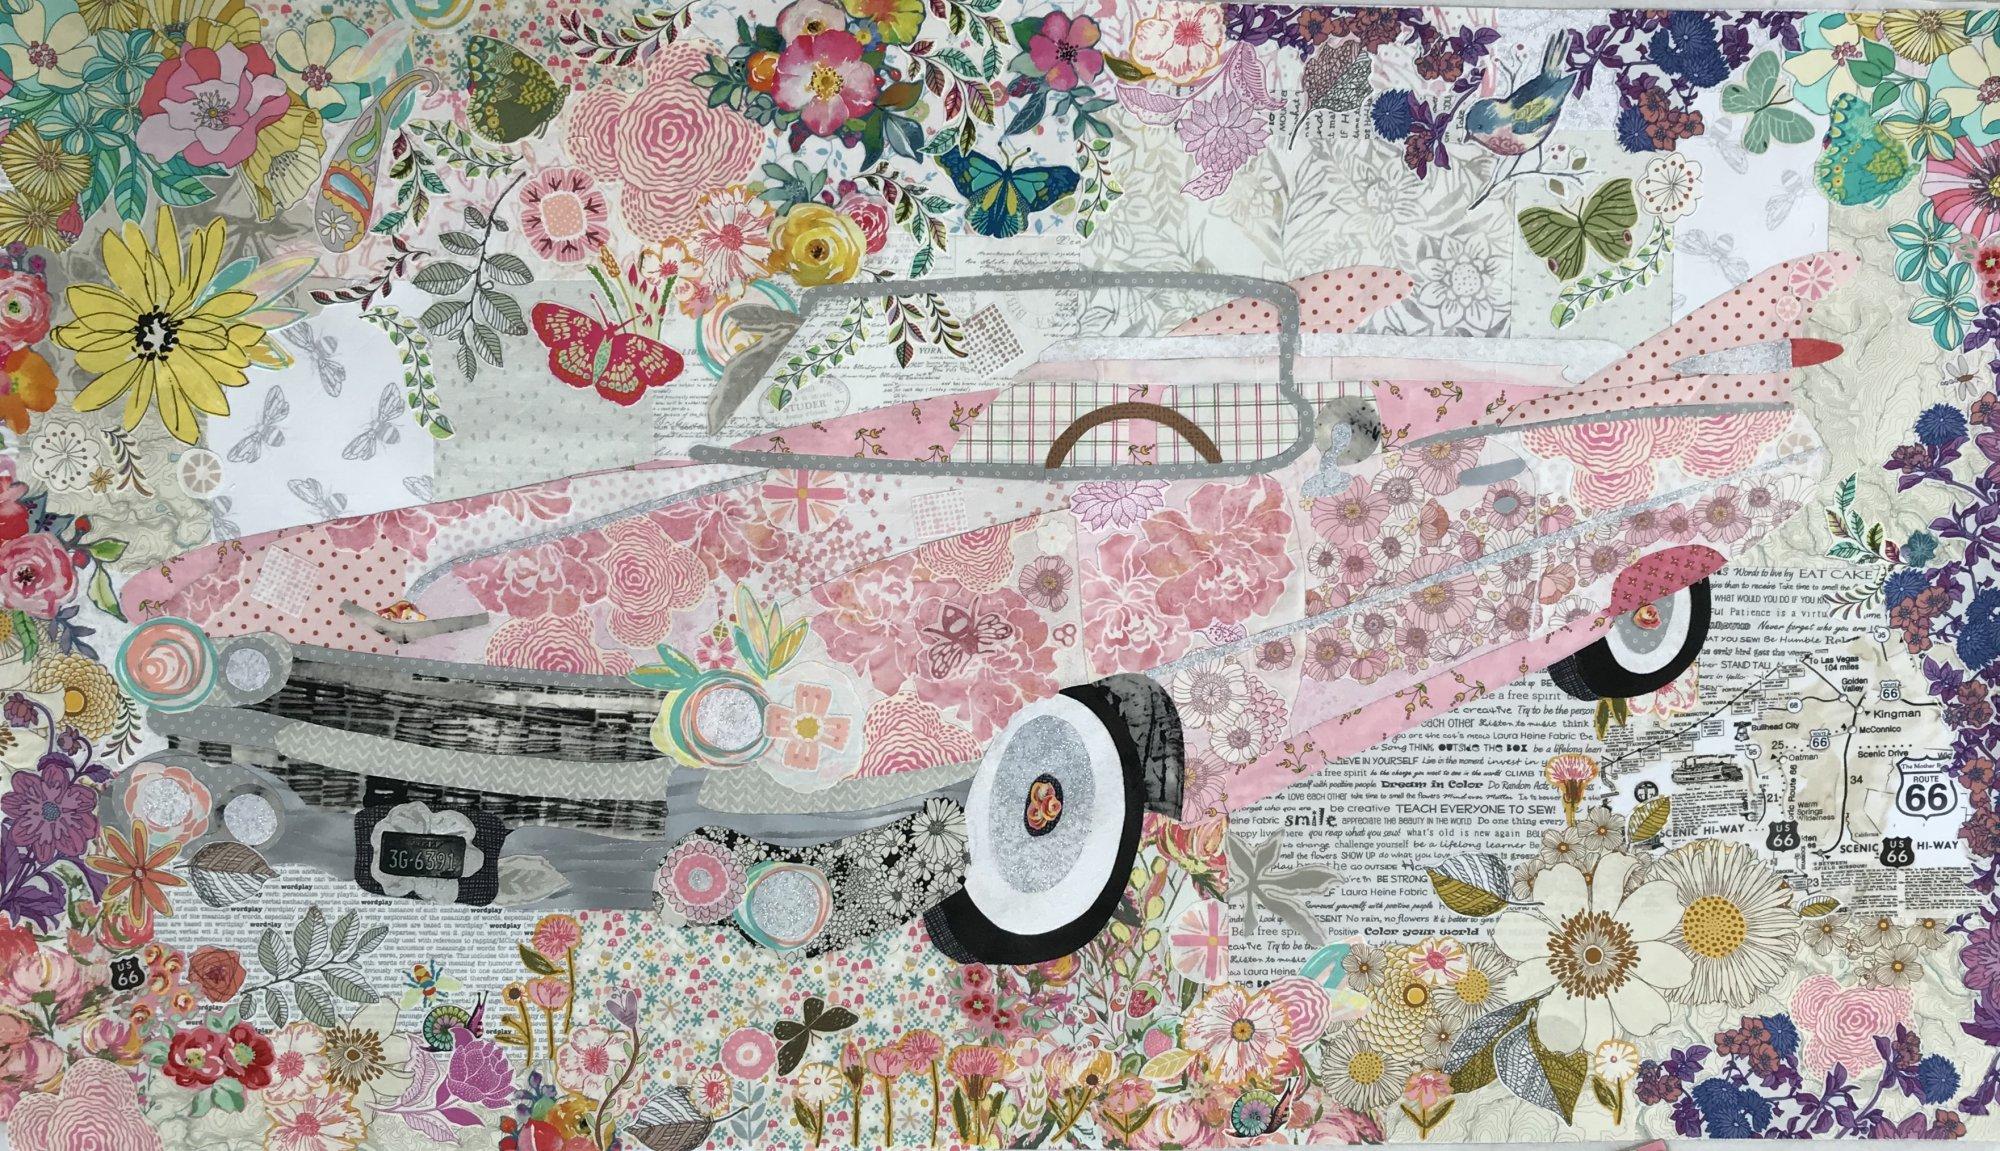 Laura Heine Pink Cadillac